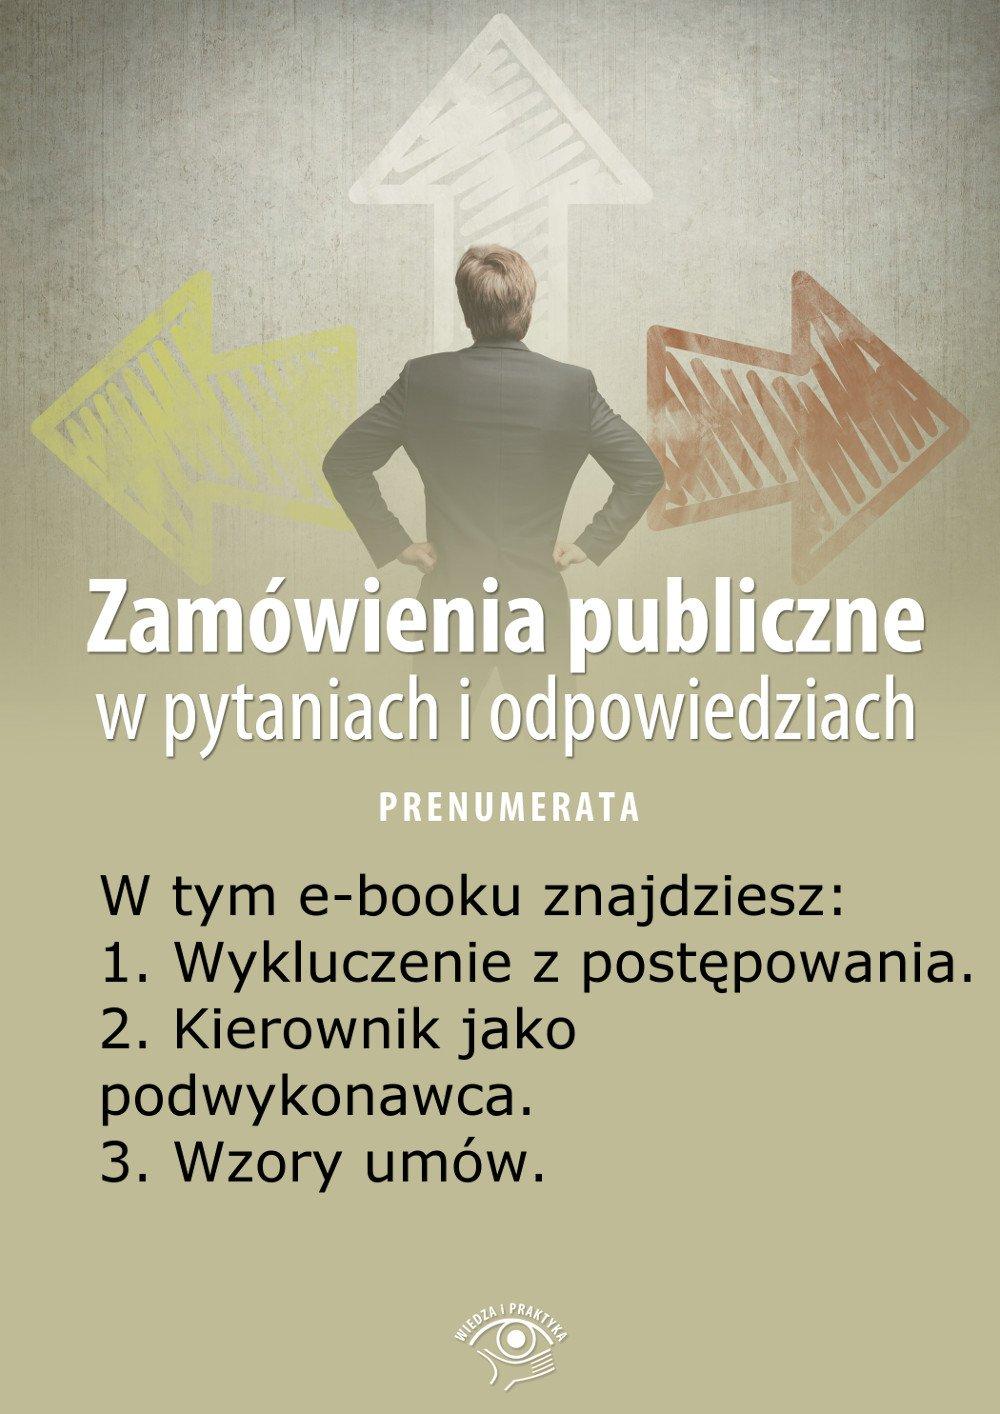 Zamówienia publiczne w pytaniach i odpowiedziach. Wydanie specjalne kwiecień 2014 r. - Ebook (Książka EPUB) do pobrania w formacie EPUB